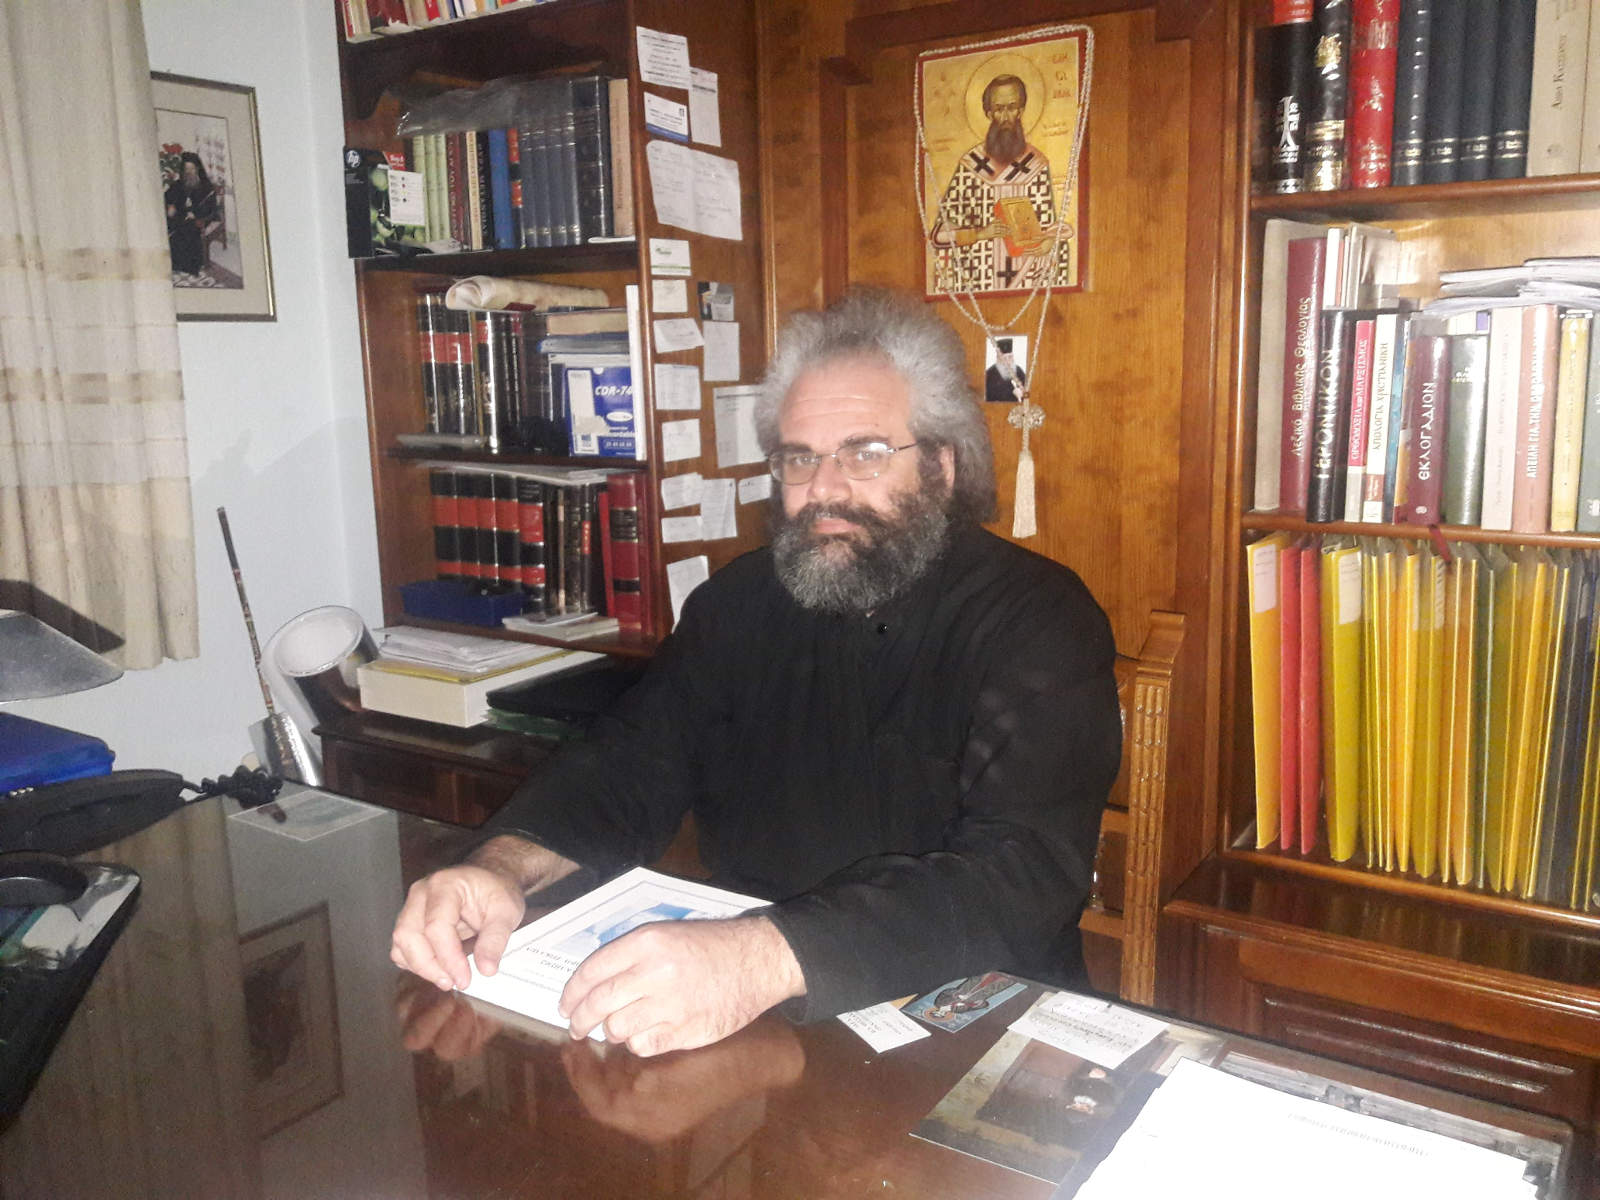 Τρίκαλα: 45 χρόνια ζωής η Σχολή Βυζαντινής Μουσικής της Ιεράς Μητροπόλεως Τρίκκης και Σταγών